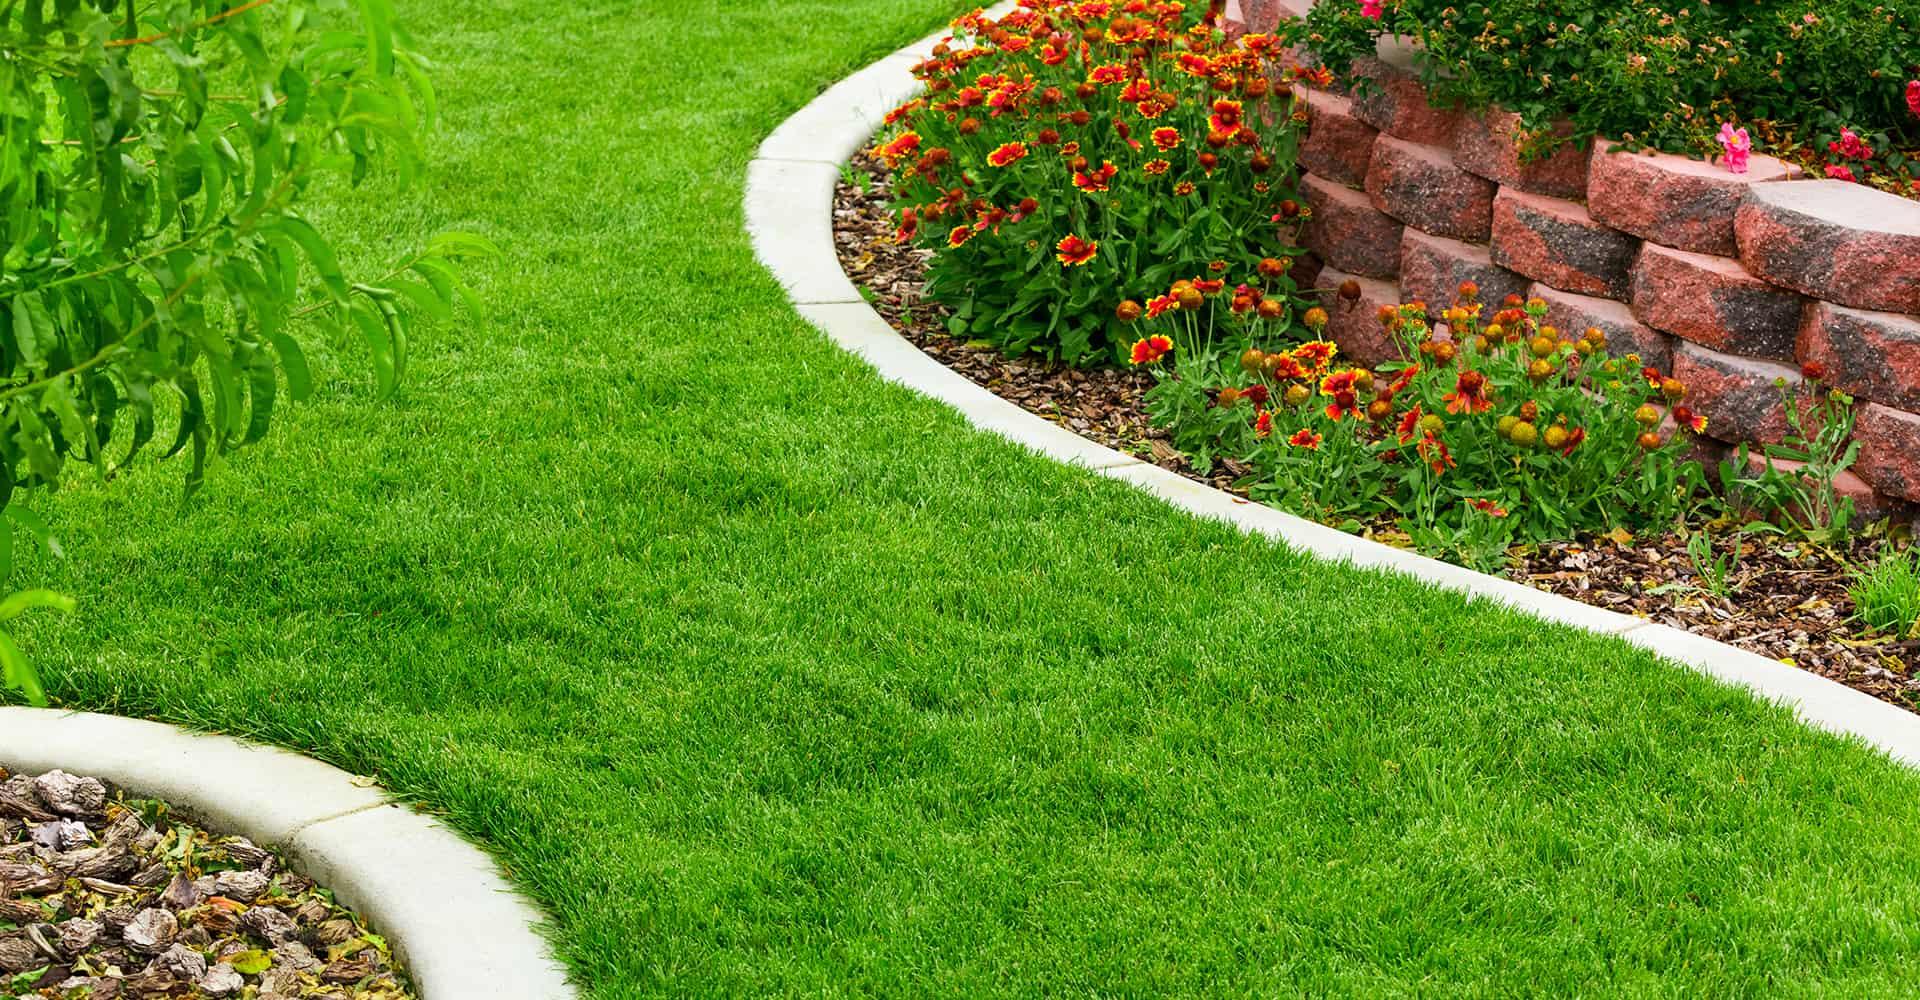 66 Creative Garden Edging Ideas To Set Your Garden Apart on Patio And Grass Garden Ideas  id=11488